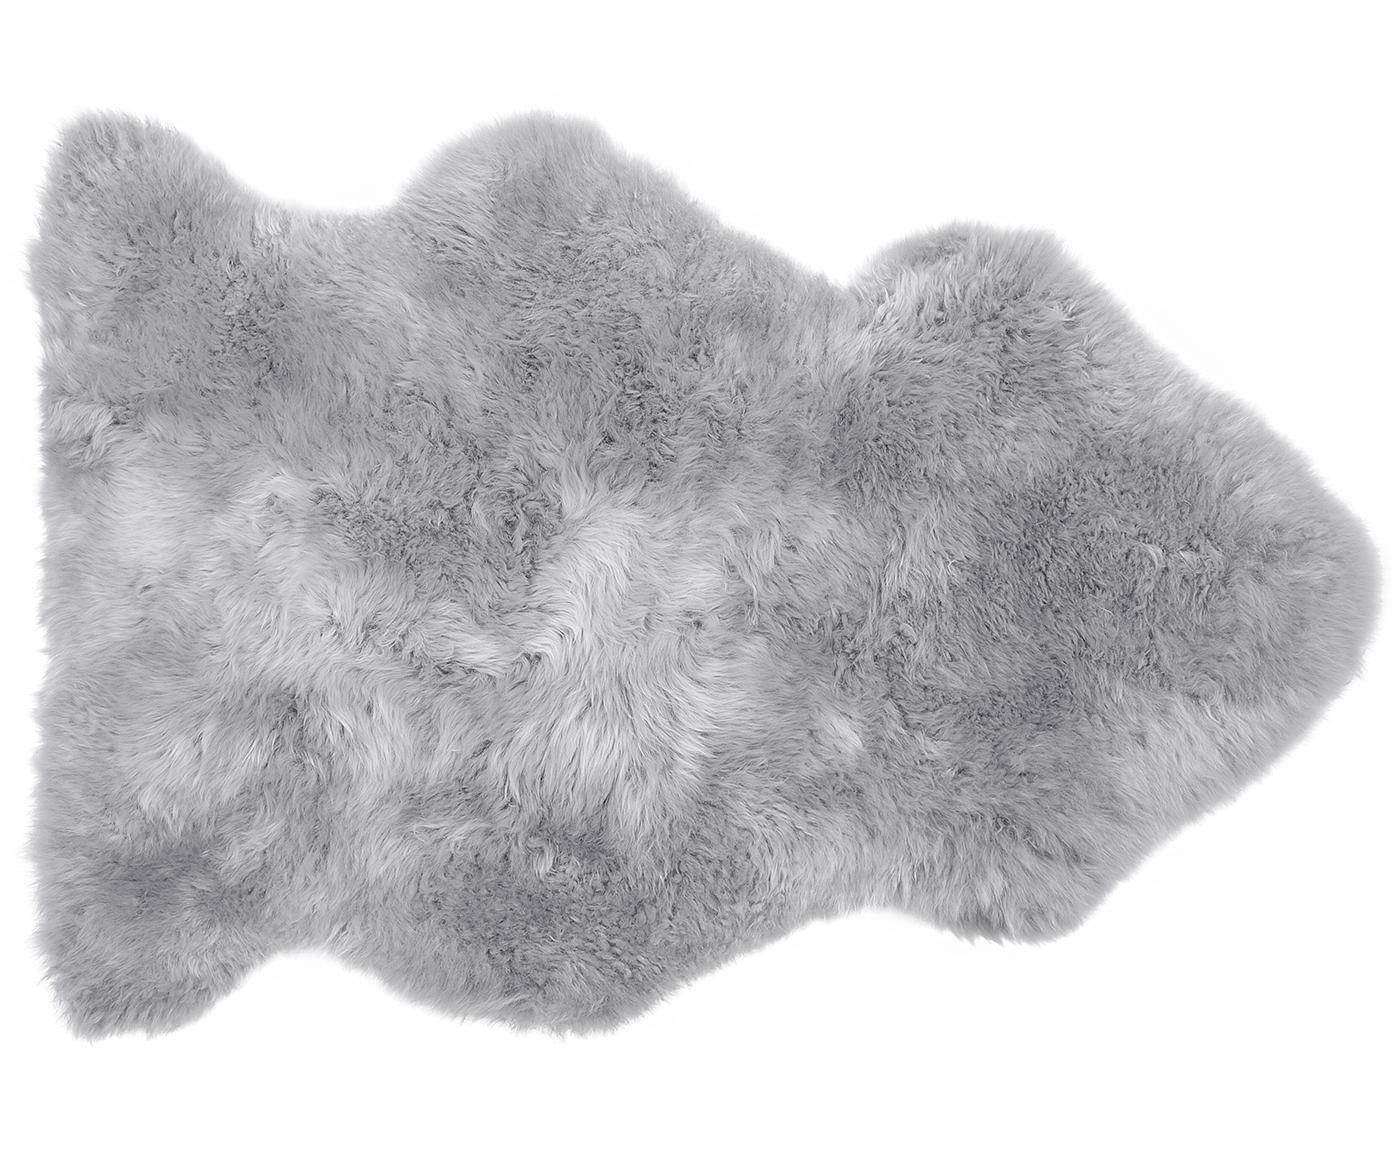 Schapenvacht Oslo, glad, Bovenzijde: 100% schapenvacht, Onderzijde: 100% leer, chroomvrij gel, Lichtgrijs, 60 x 90 cm